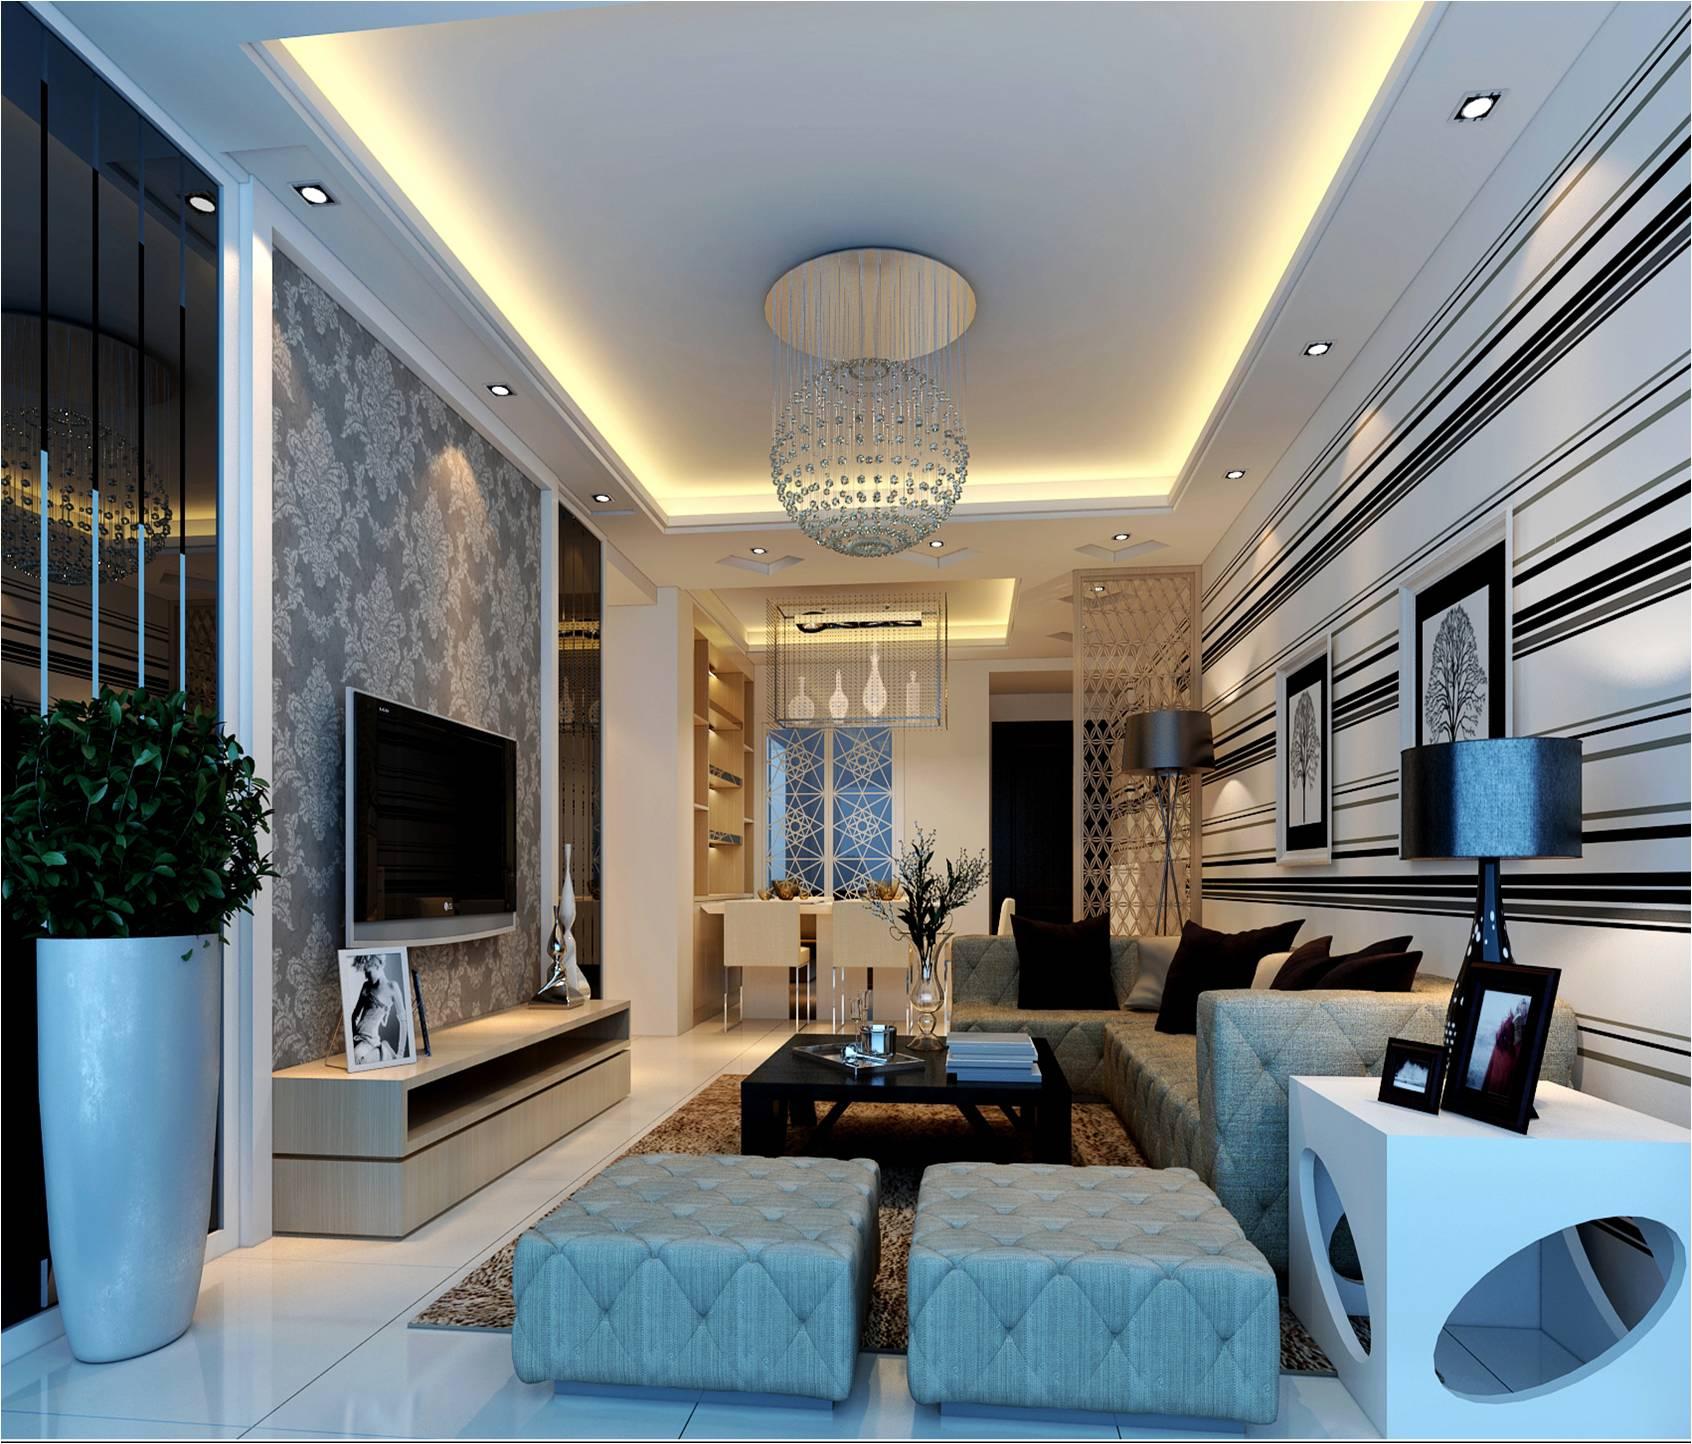 简约 现代 国安居 装饰 设计 客厅图片来自国安居装饰在方直君御--现代简约的分享